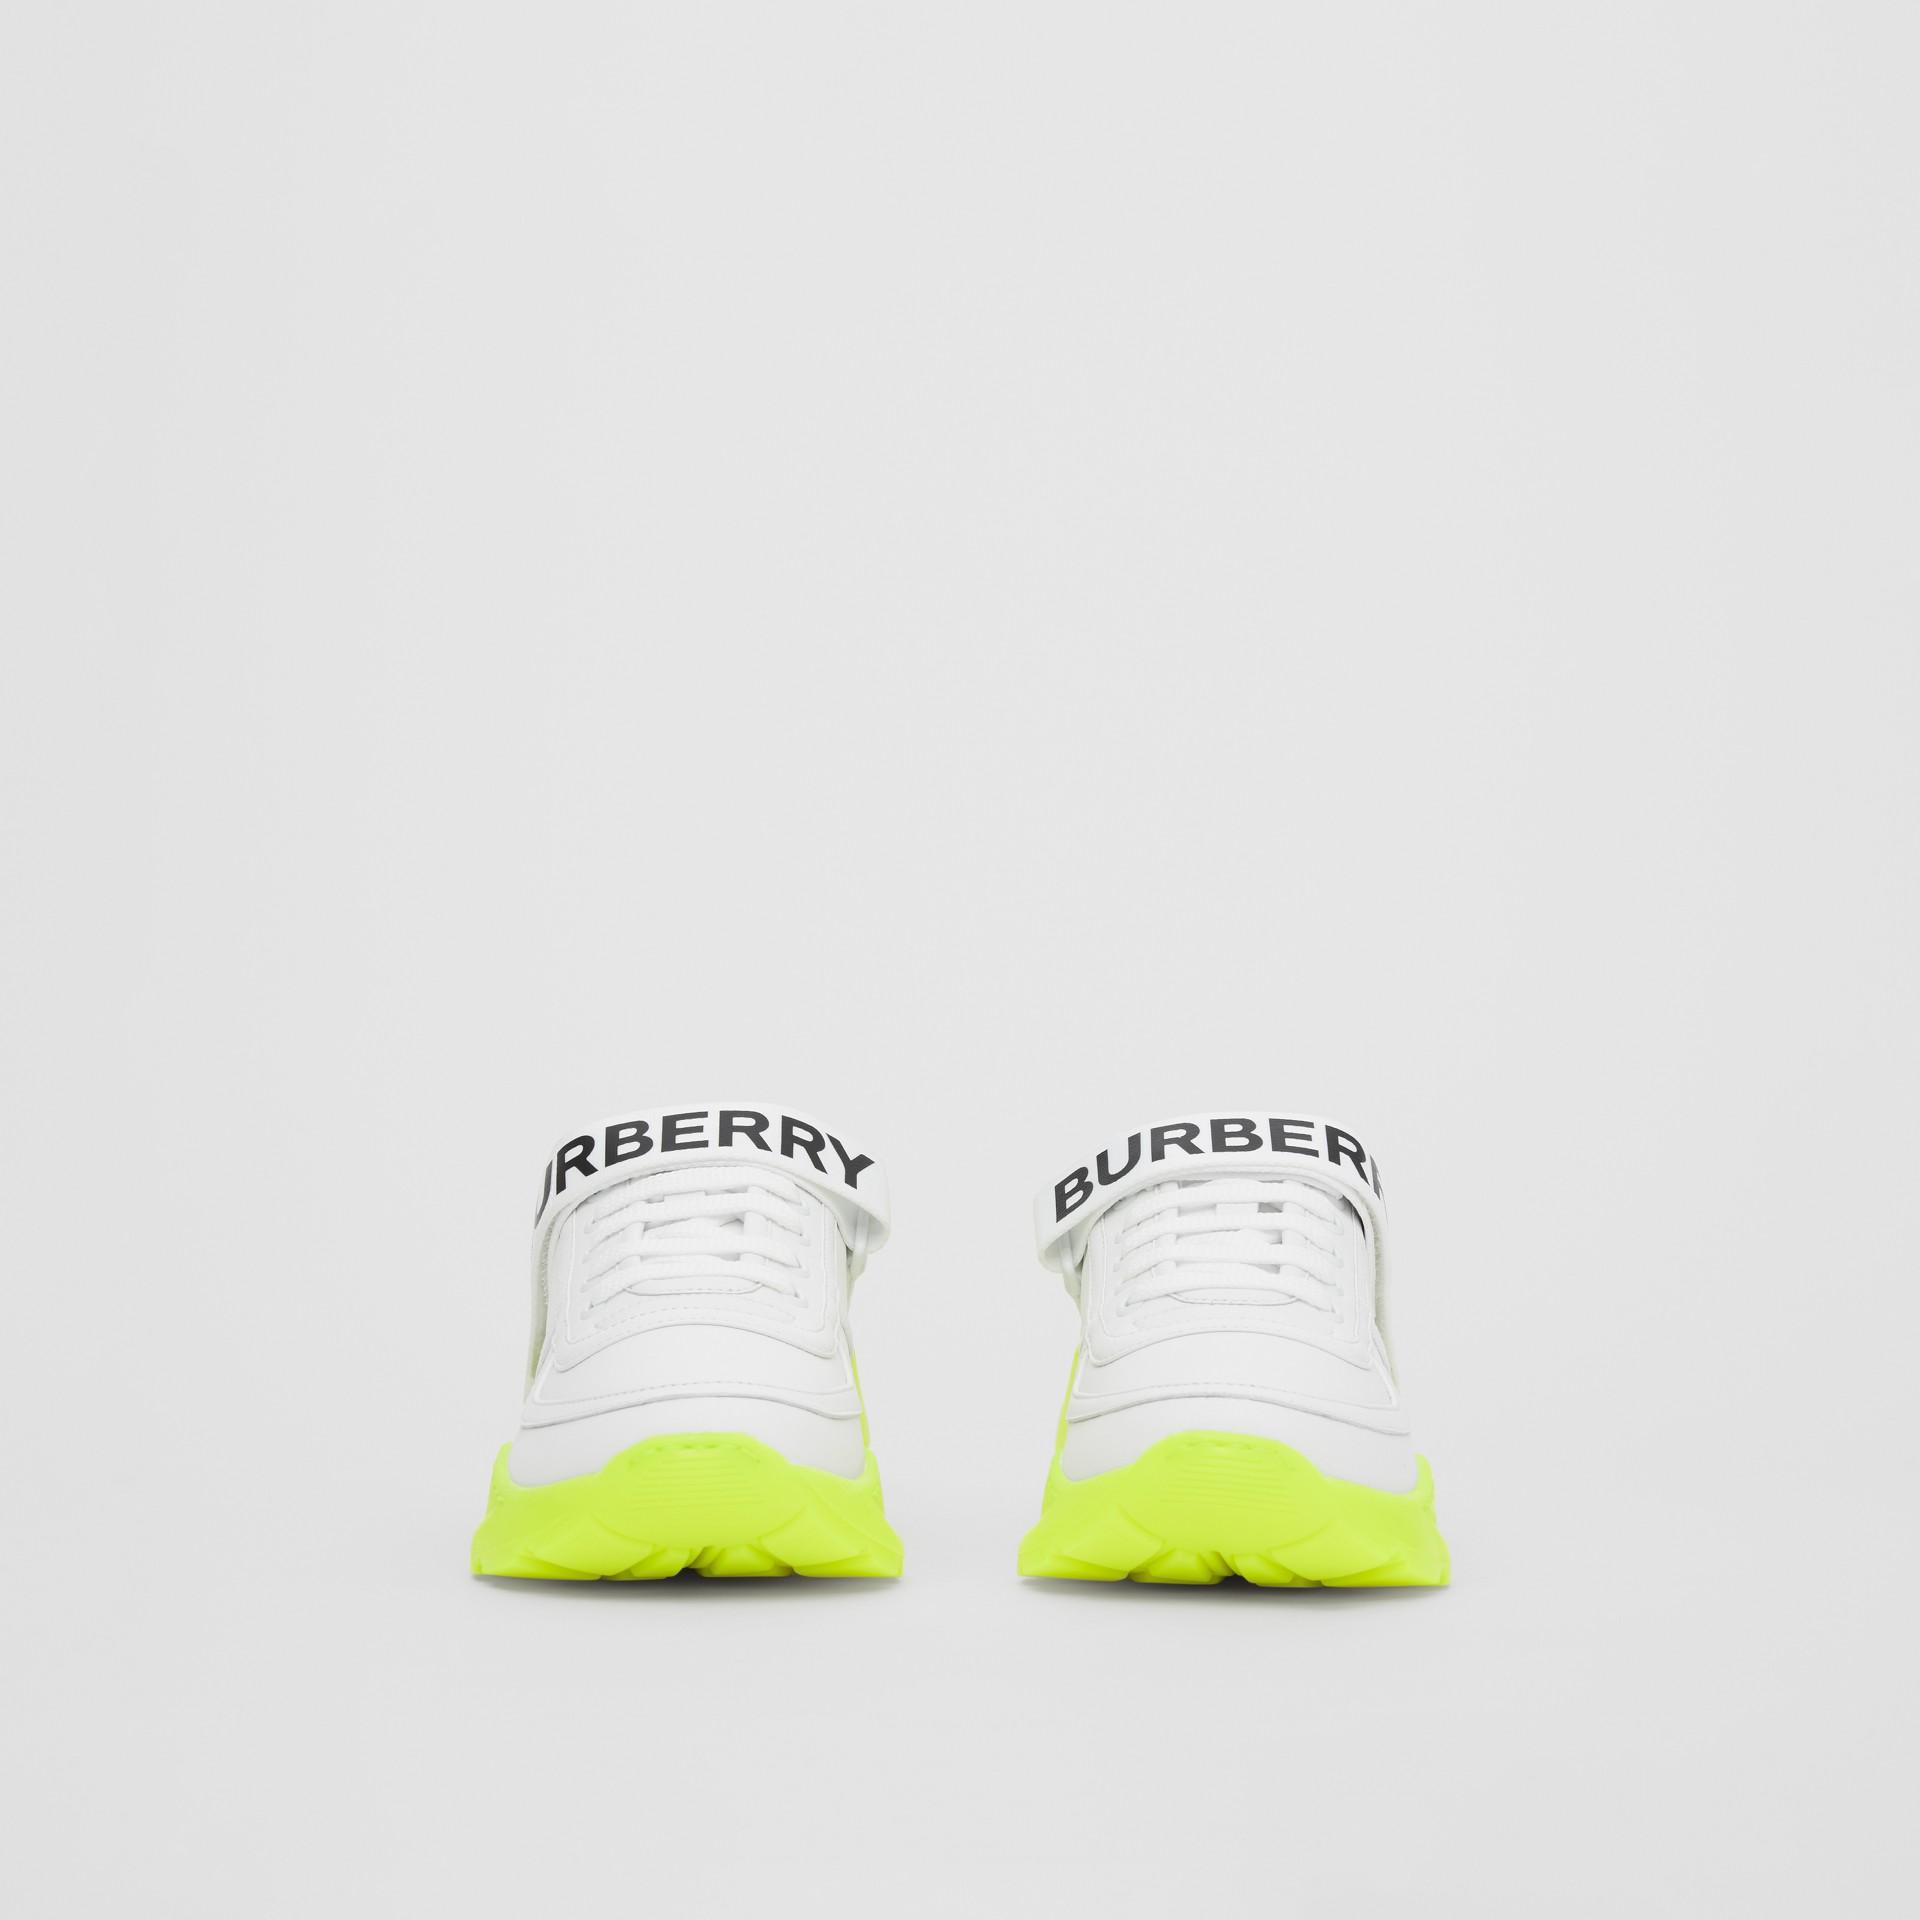 標誌細節皮革及尼龍運動鞋 (光白色/螢光黃) - 女款 | Burberry - 圖庫照片 3